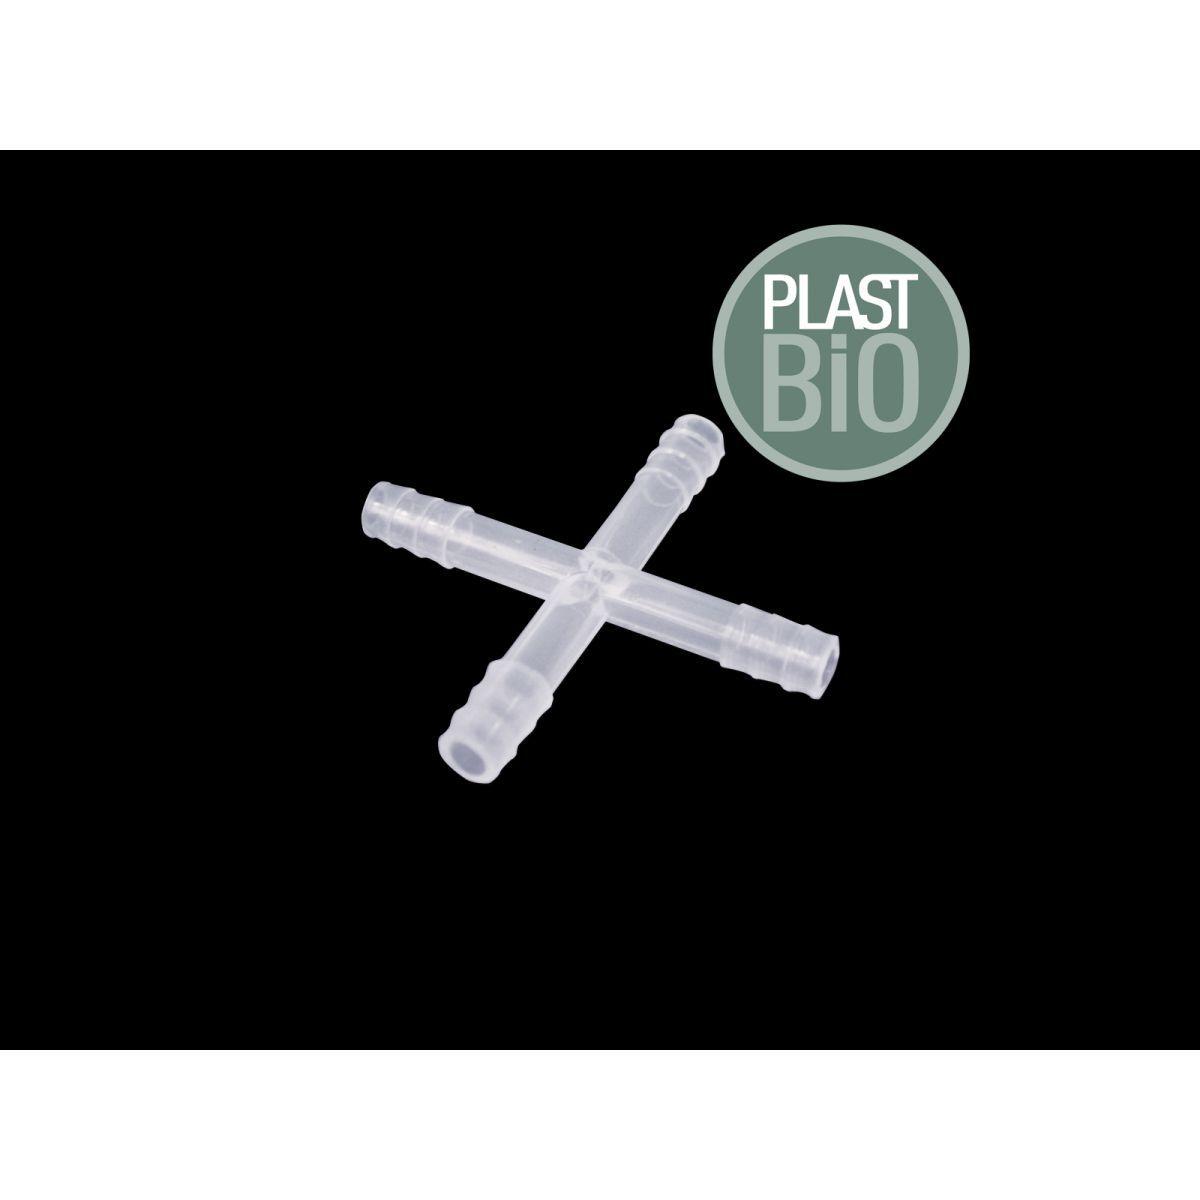 Conector para Tubos, Formato Cruz, em Polipropileno Autoclavável - Modelo: PB-CT